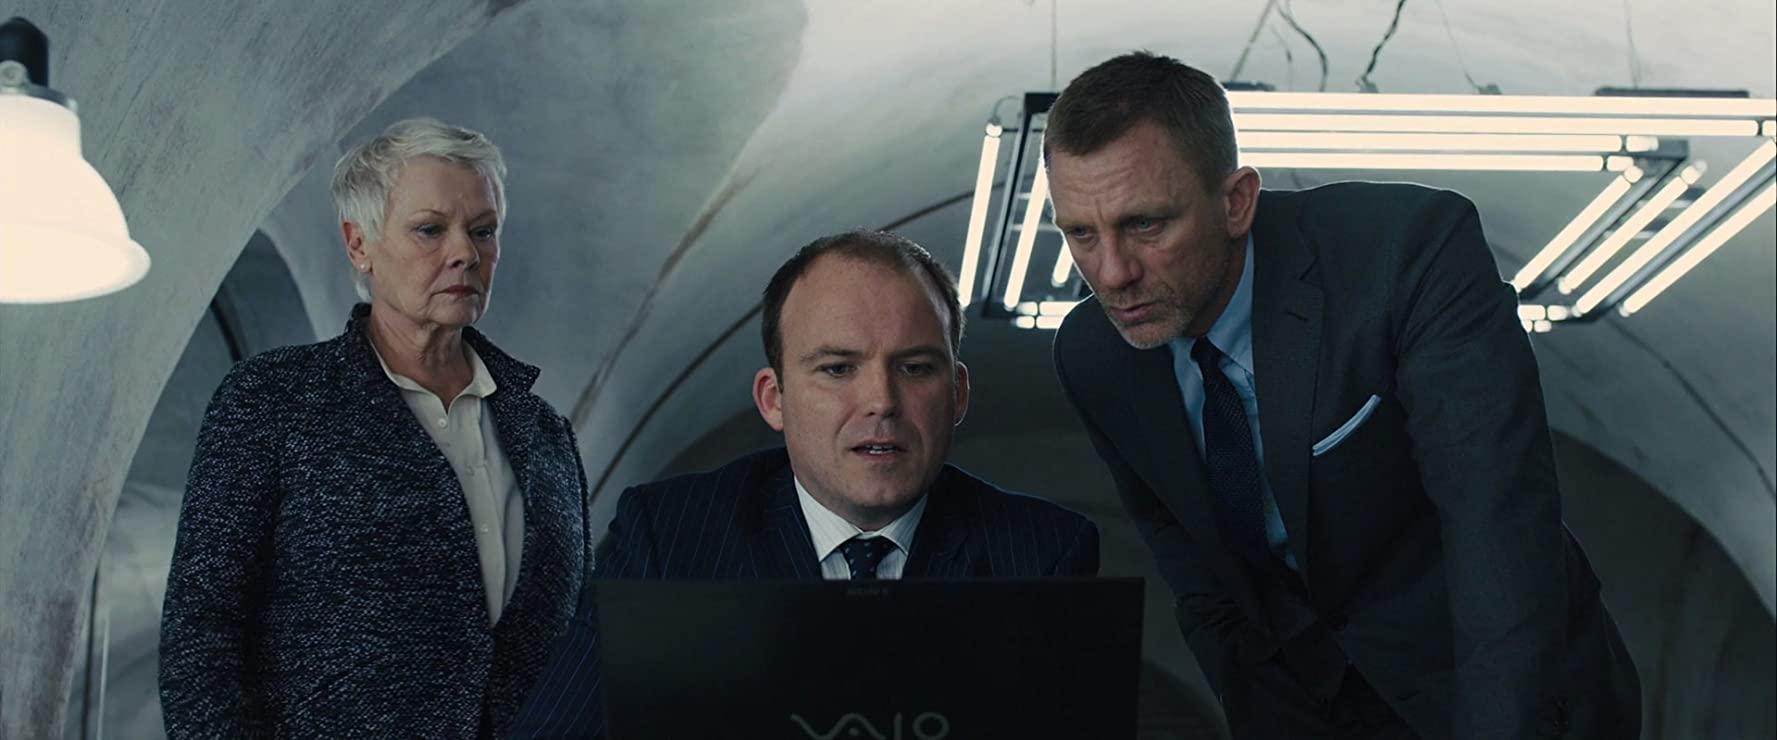 """Judi Dench, Daniel Craig i Rory Kinnear w filmie """"Skyfall"""" (2012)"""